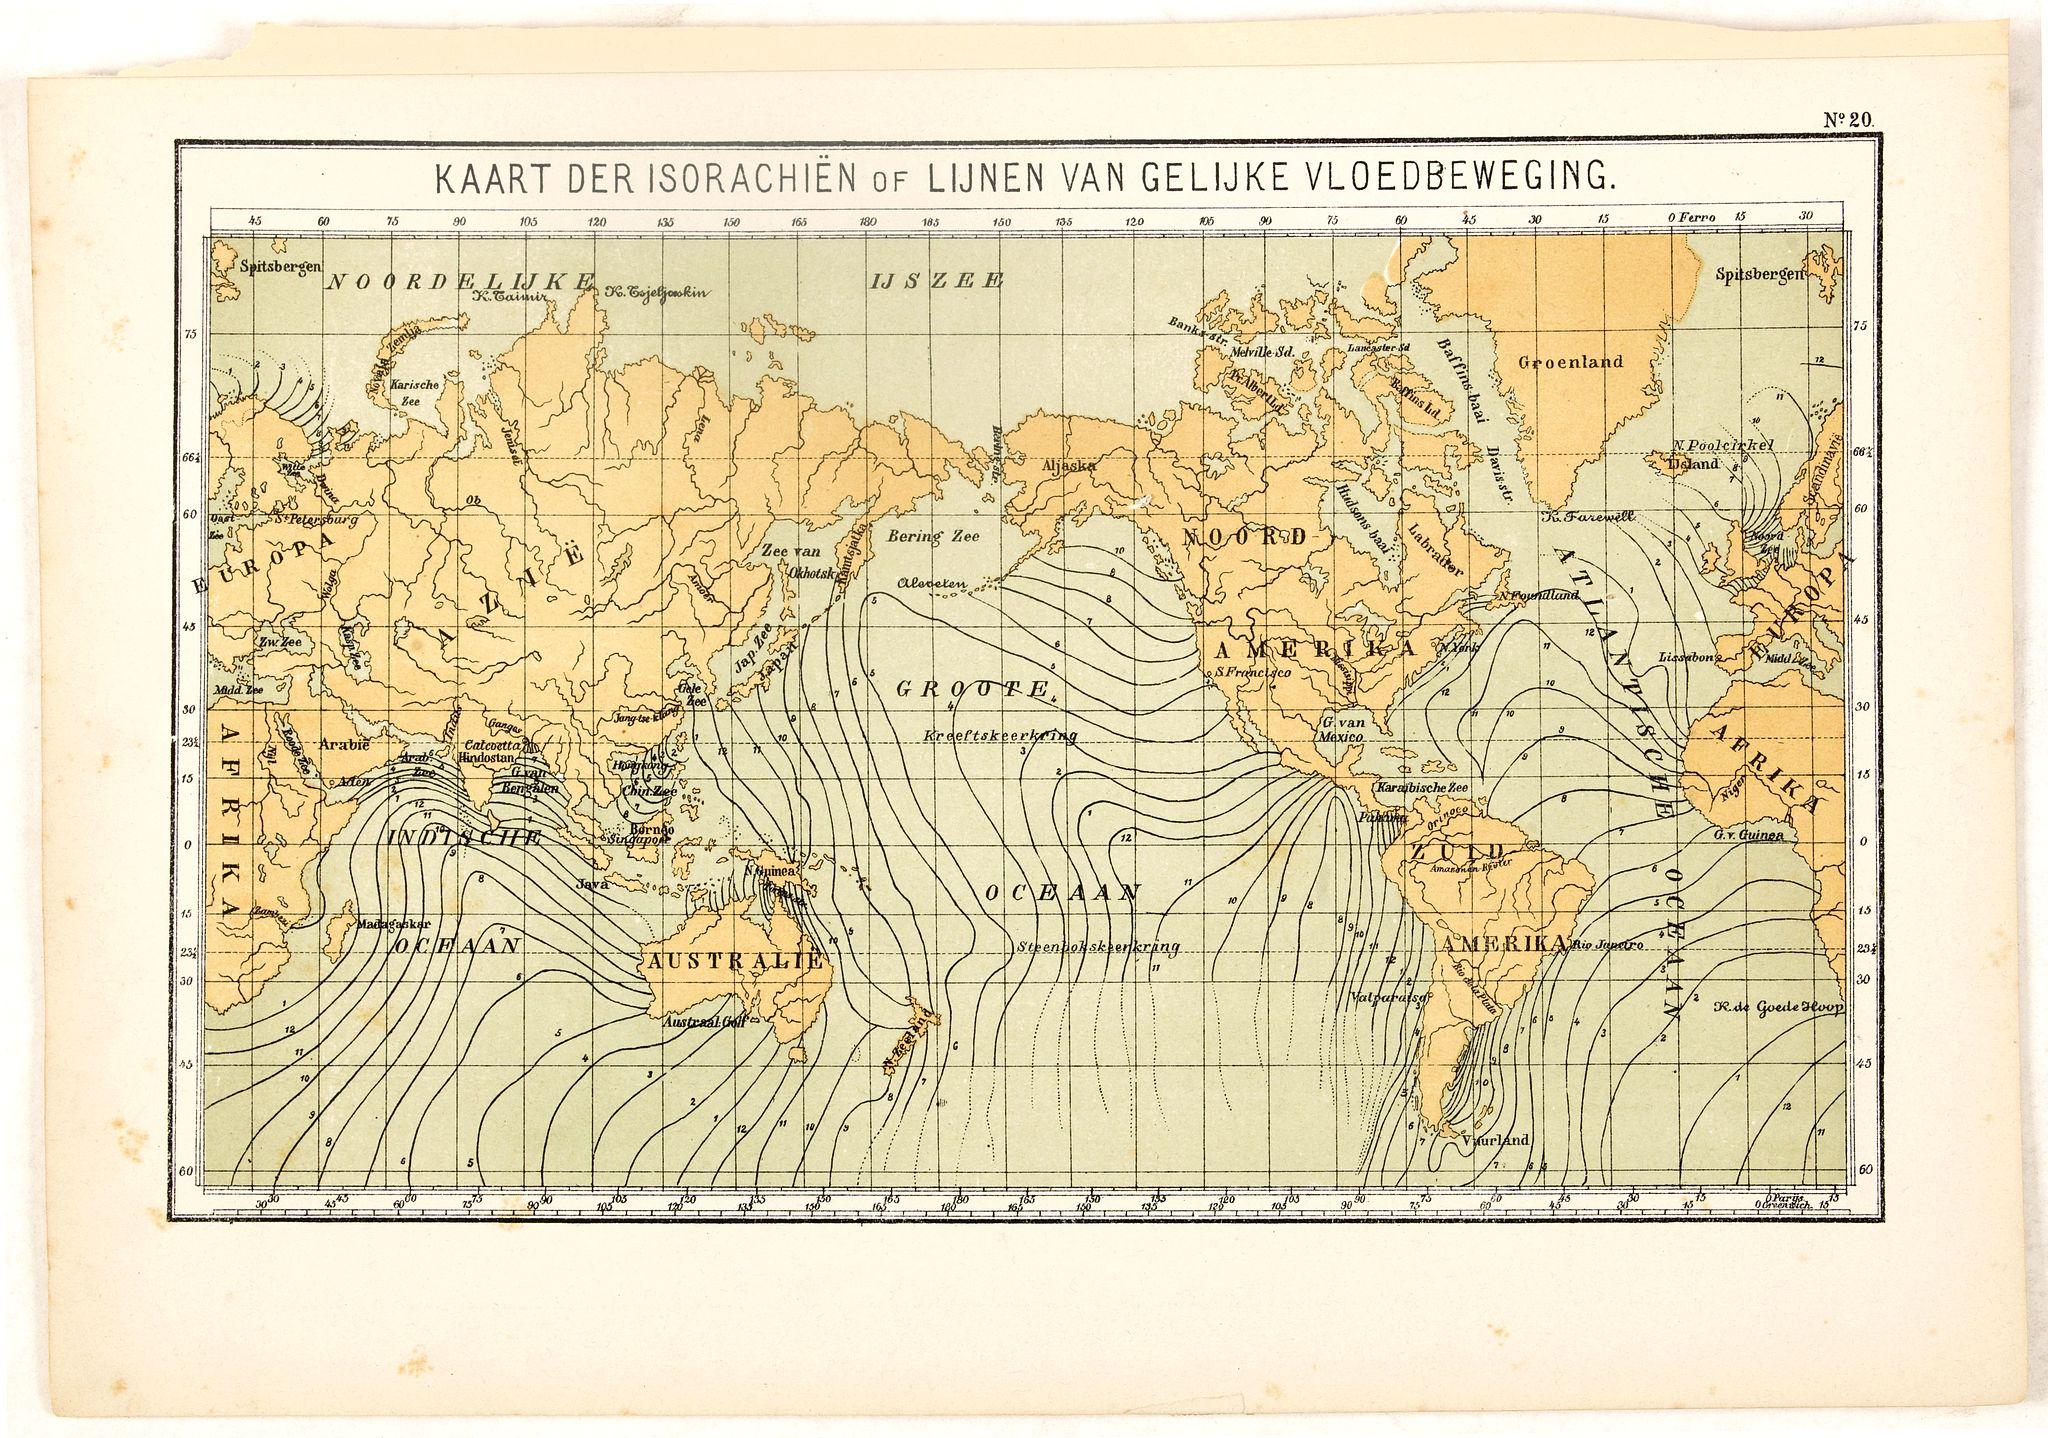 POSTHUMUS, N.W. -  Kaart der Isorachiën of Lijnen van Gelijke Vloedbeweging.